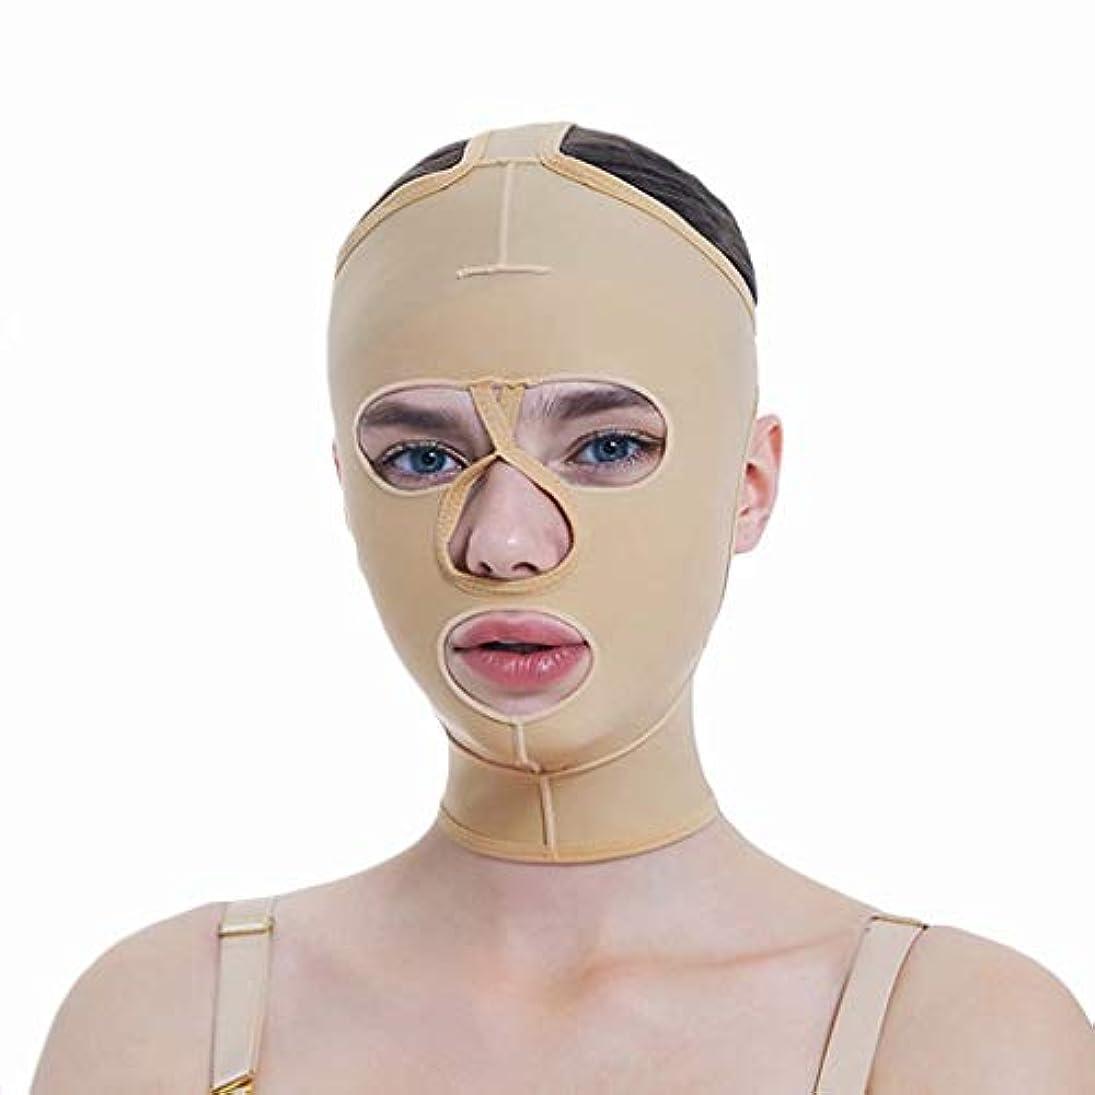 限定適切に比較的フェイシャル減量マスク、フルカバレッジ包帯、フルフェイスリフティングマスク、フェイスマスク、快適で リフティングシェーピング(サイズ:S),M